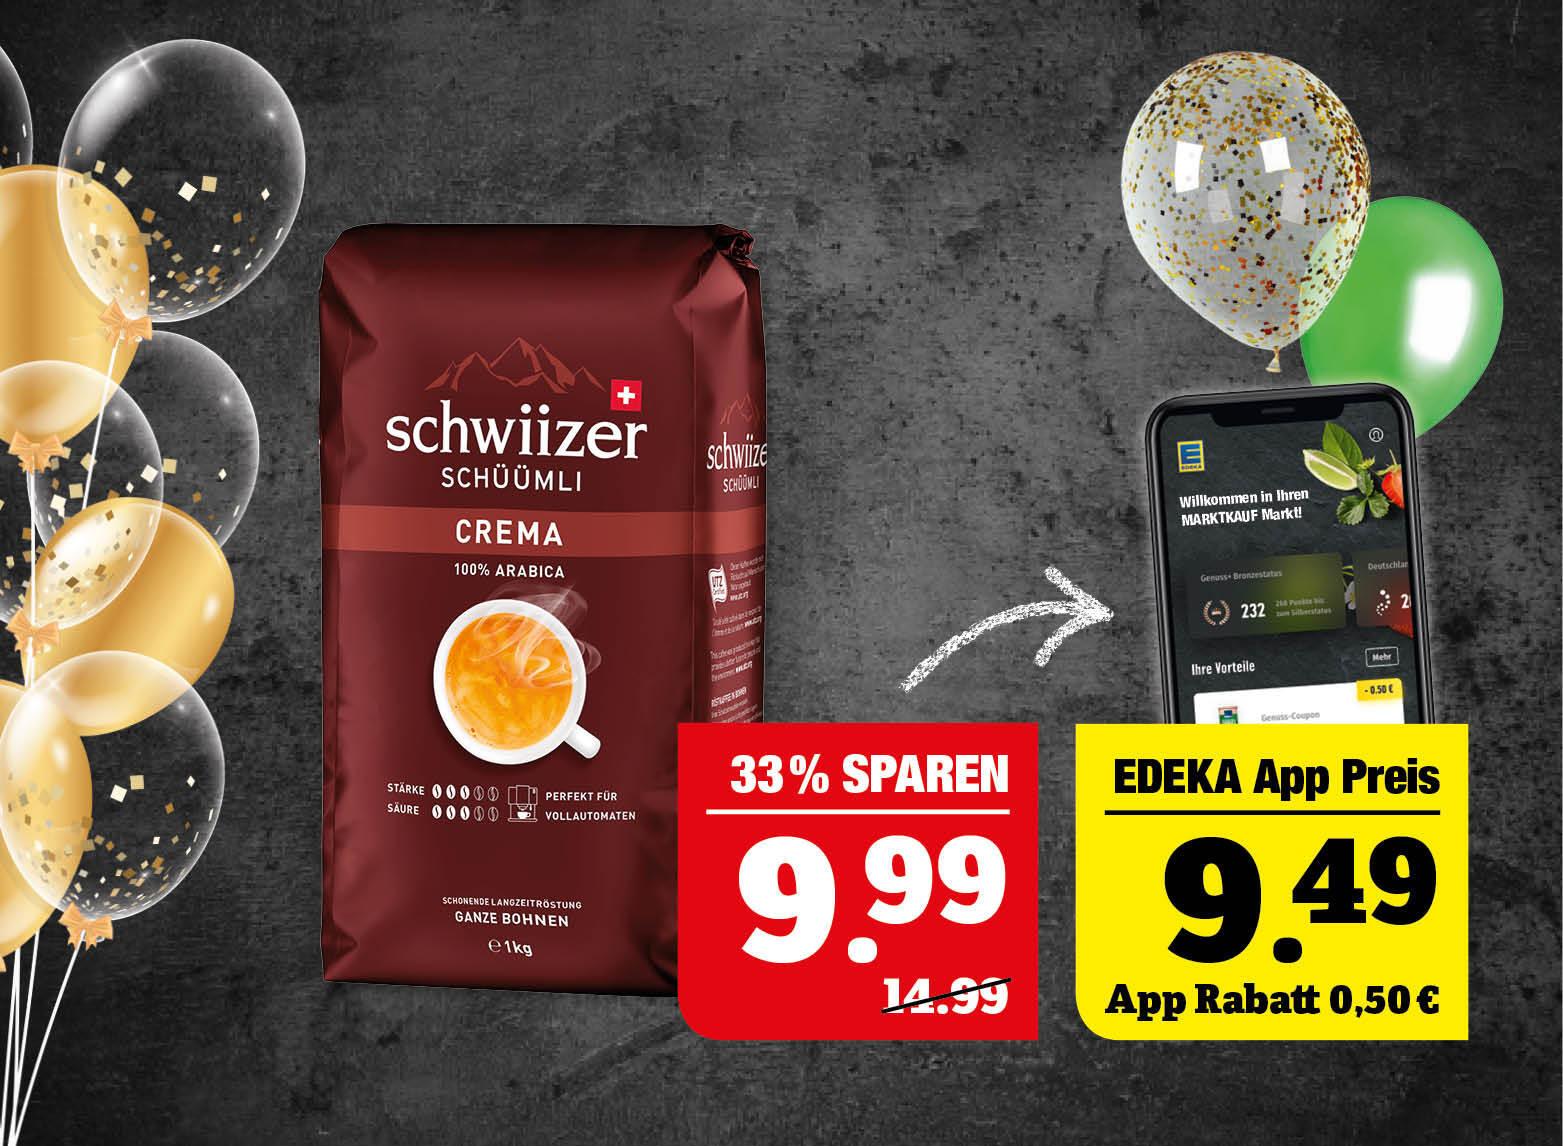 schwiizer Schüümli - ganze Bohnen, 1kg Packung. 